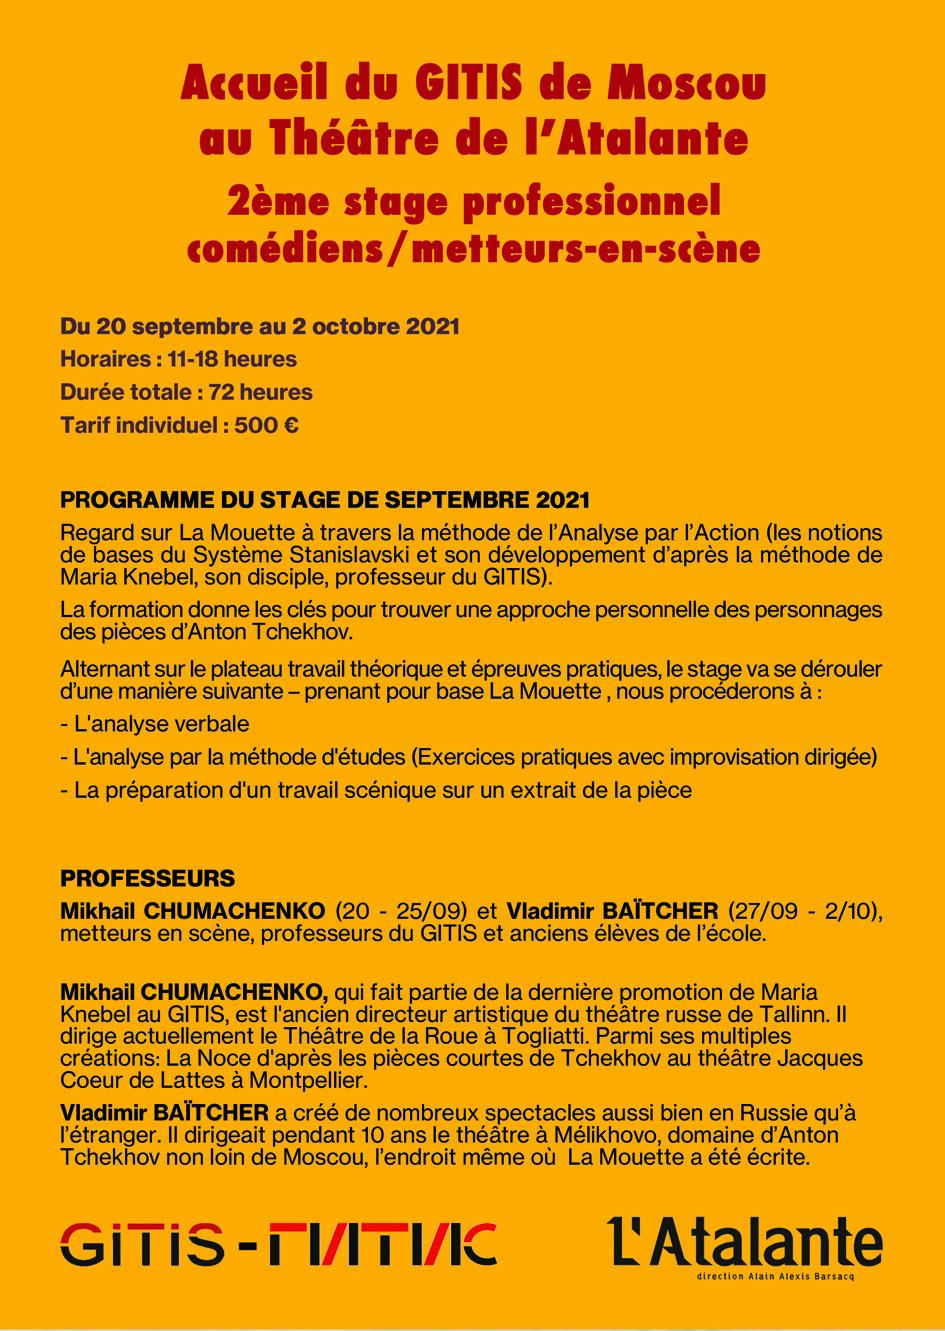 Stage professionnel du GITIS à l'Atalante Théâtre de l'Atalante Paris